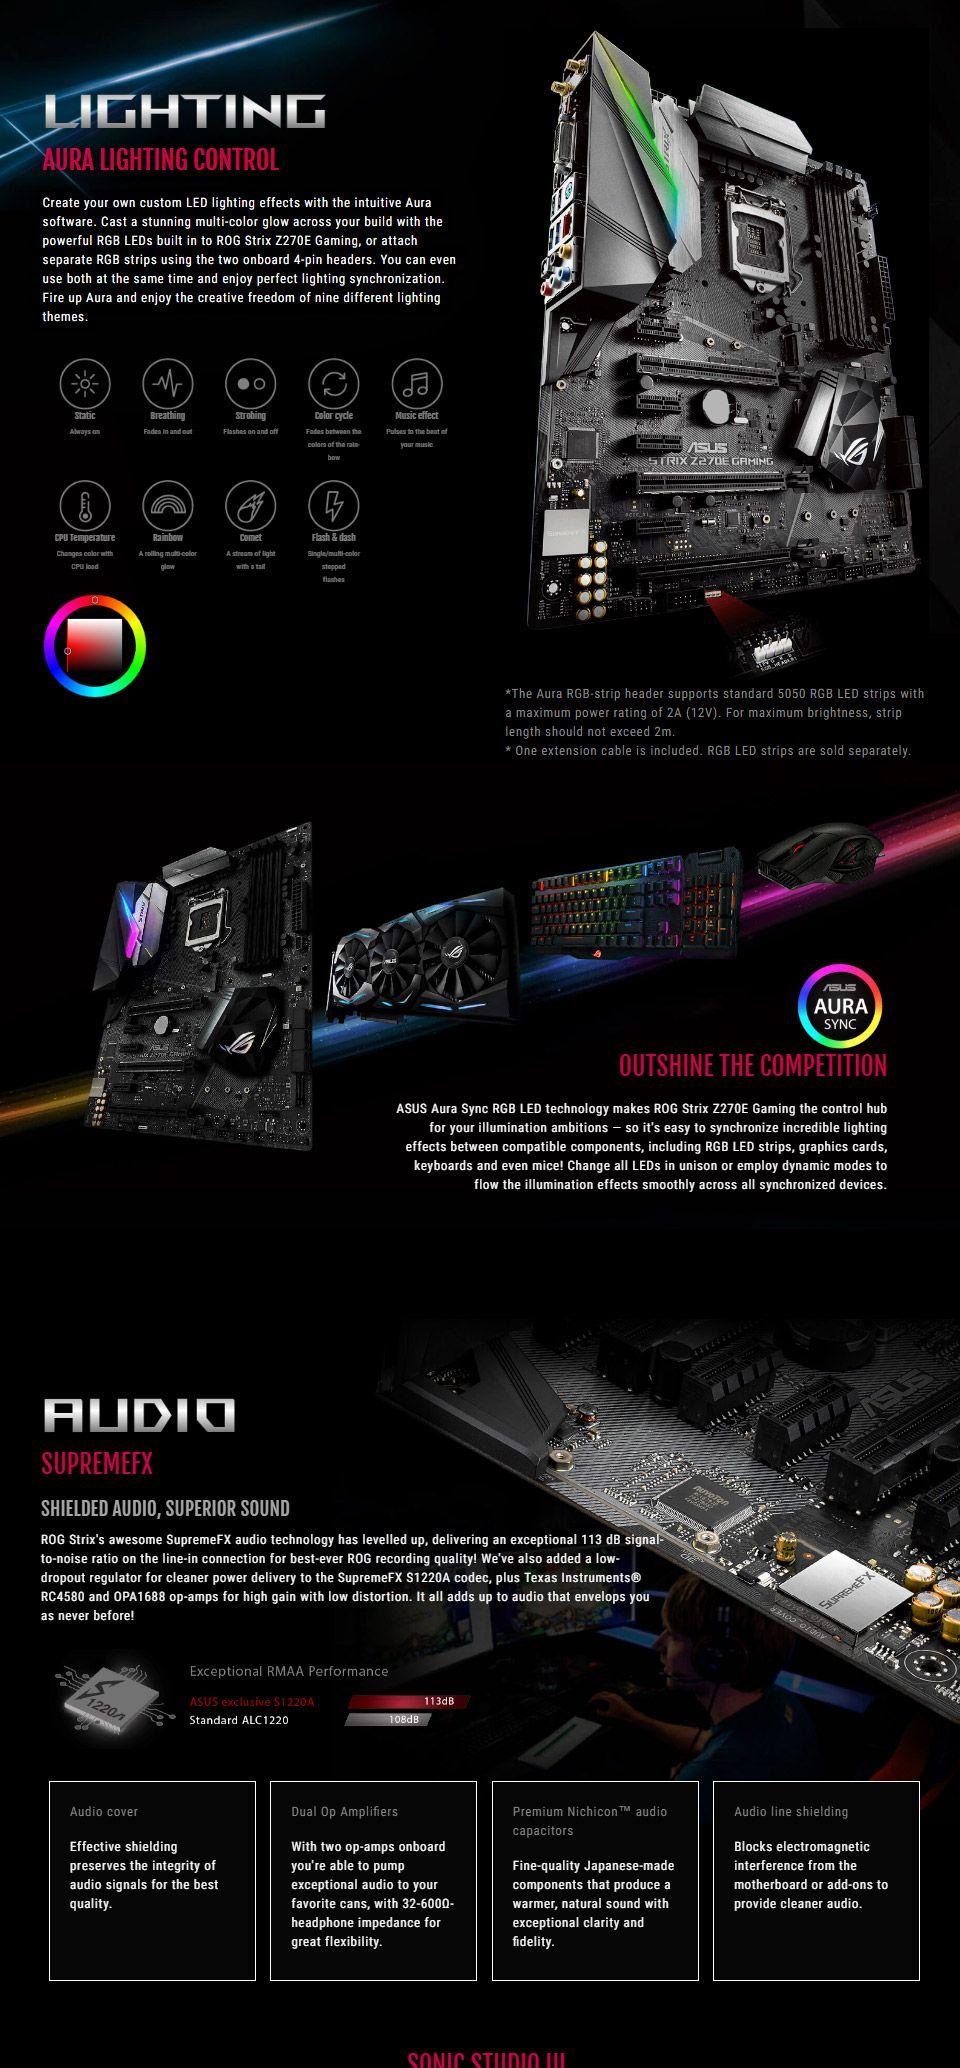 ASUS ROG Strix Z270E Gaming Motherboard [STRIX-Z270E-GAMING